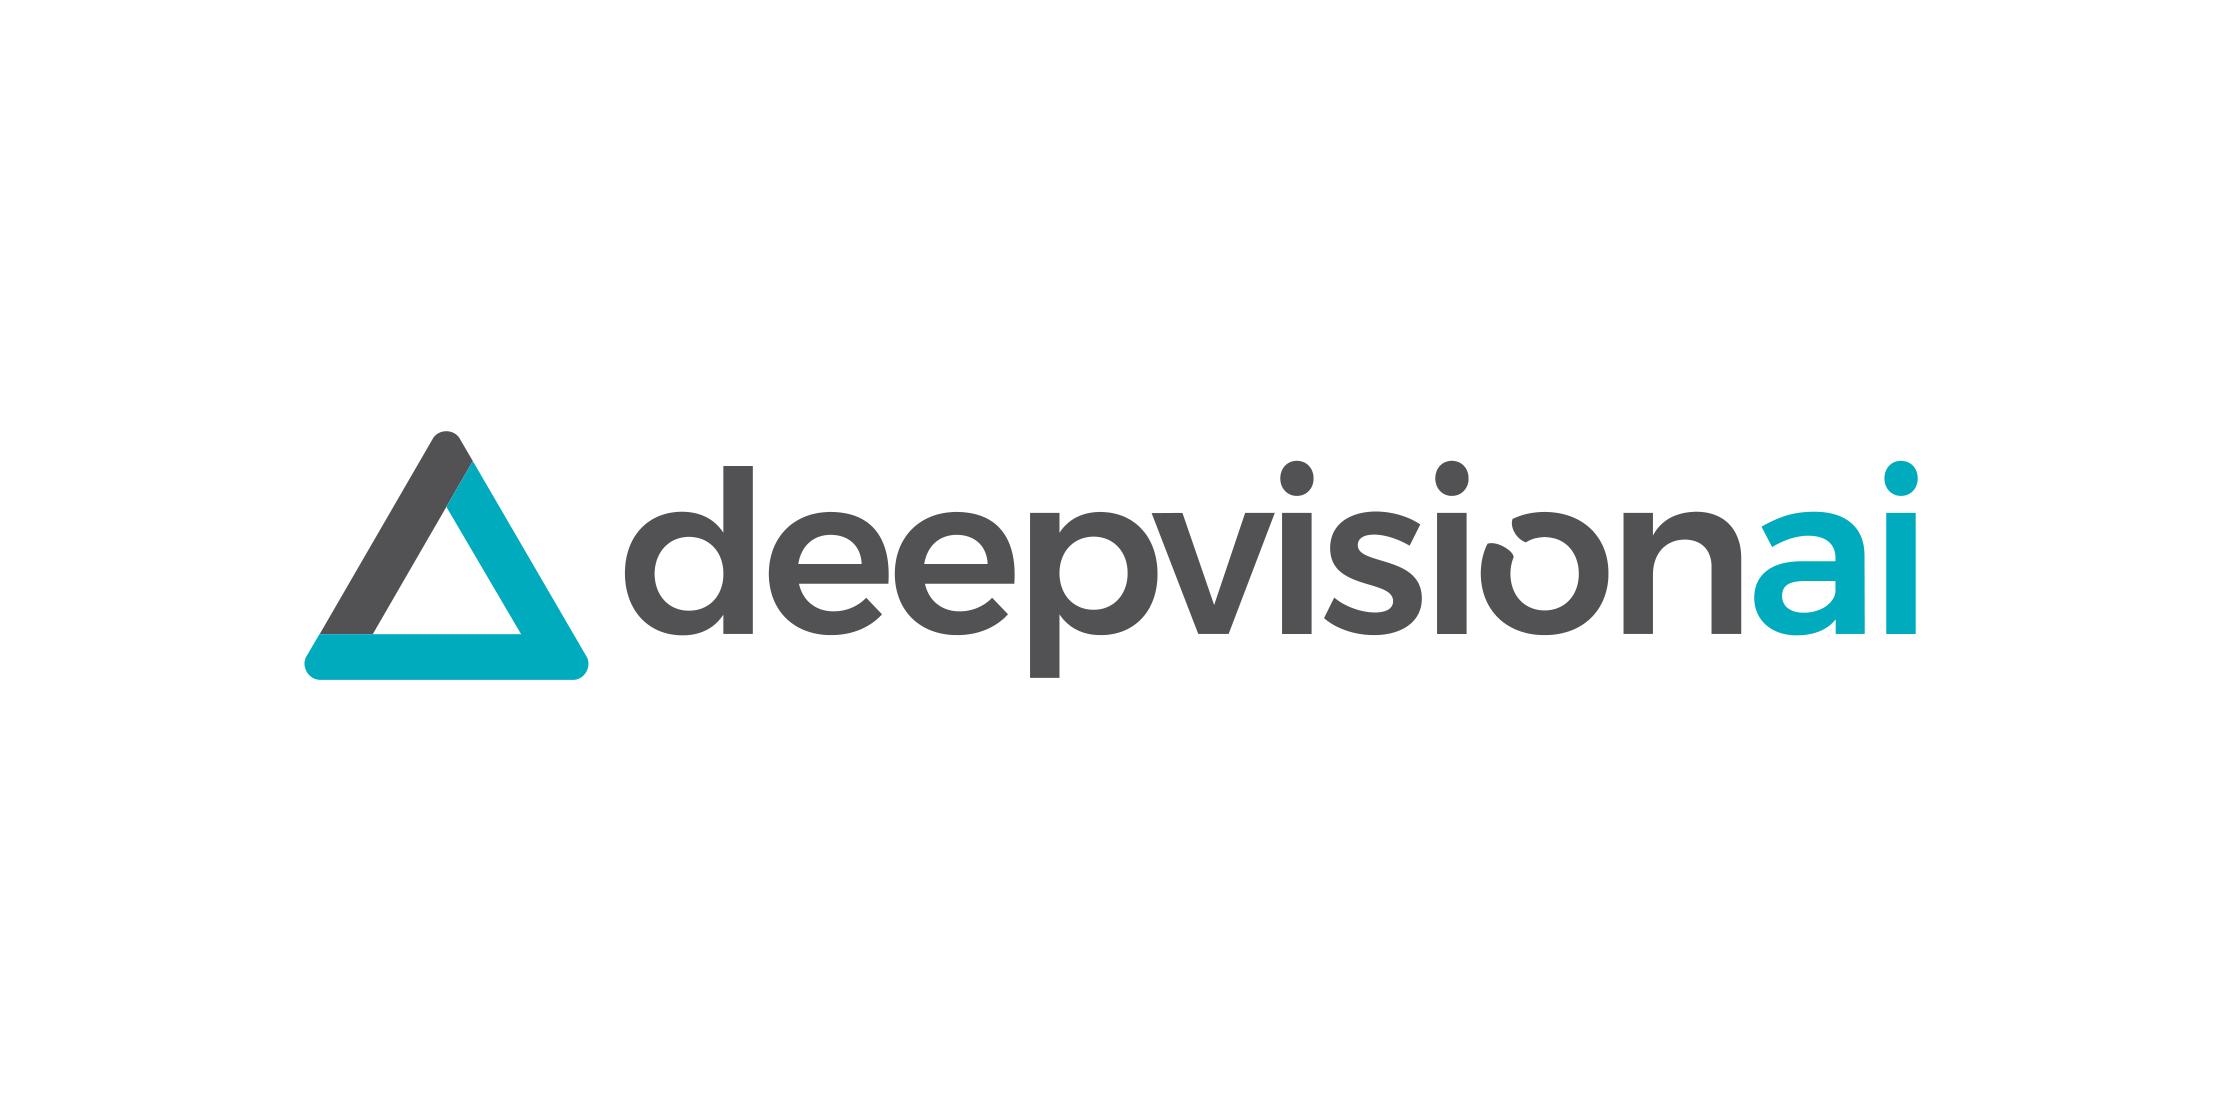 DEEP VISION AI